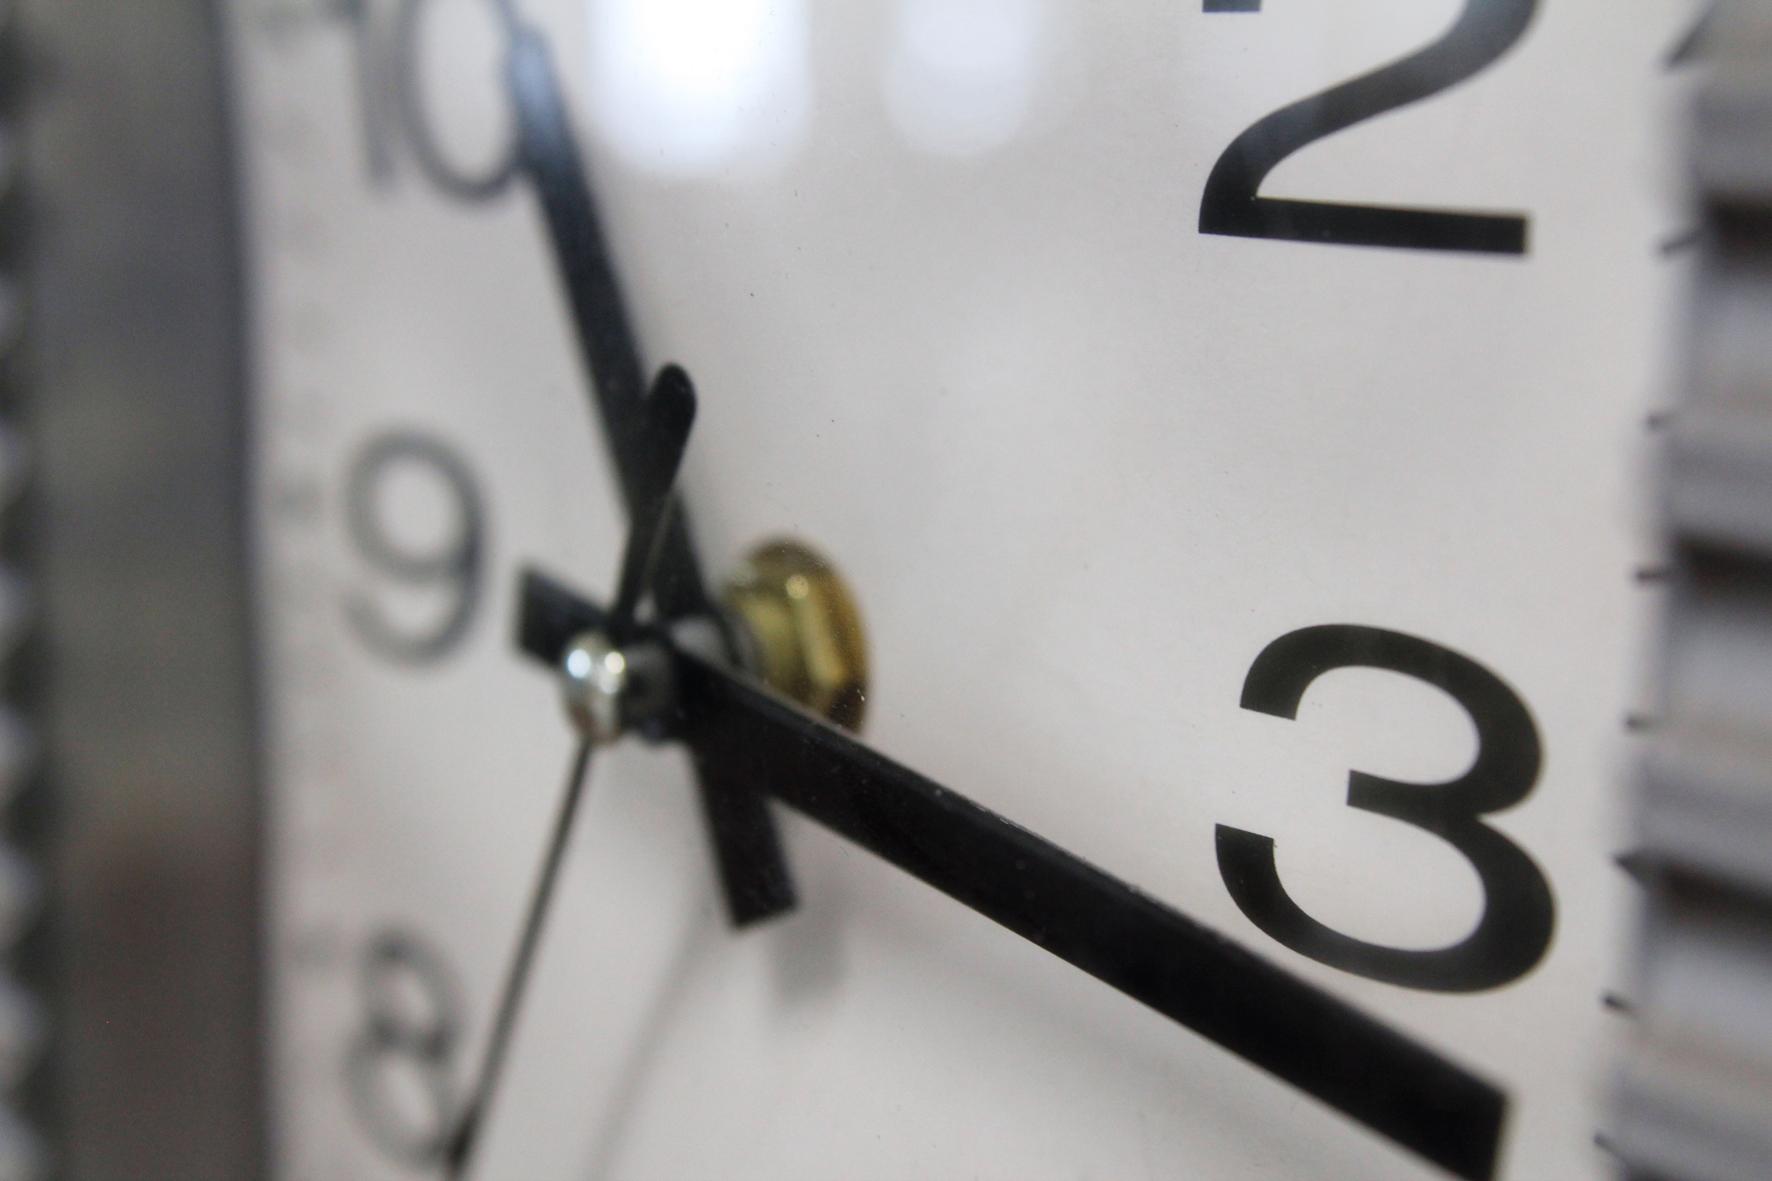 8e4545f89d3 Relógios precisam ser adiantados em uma hora neste domingo – Rádio ...